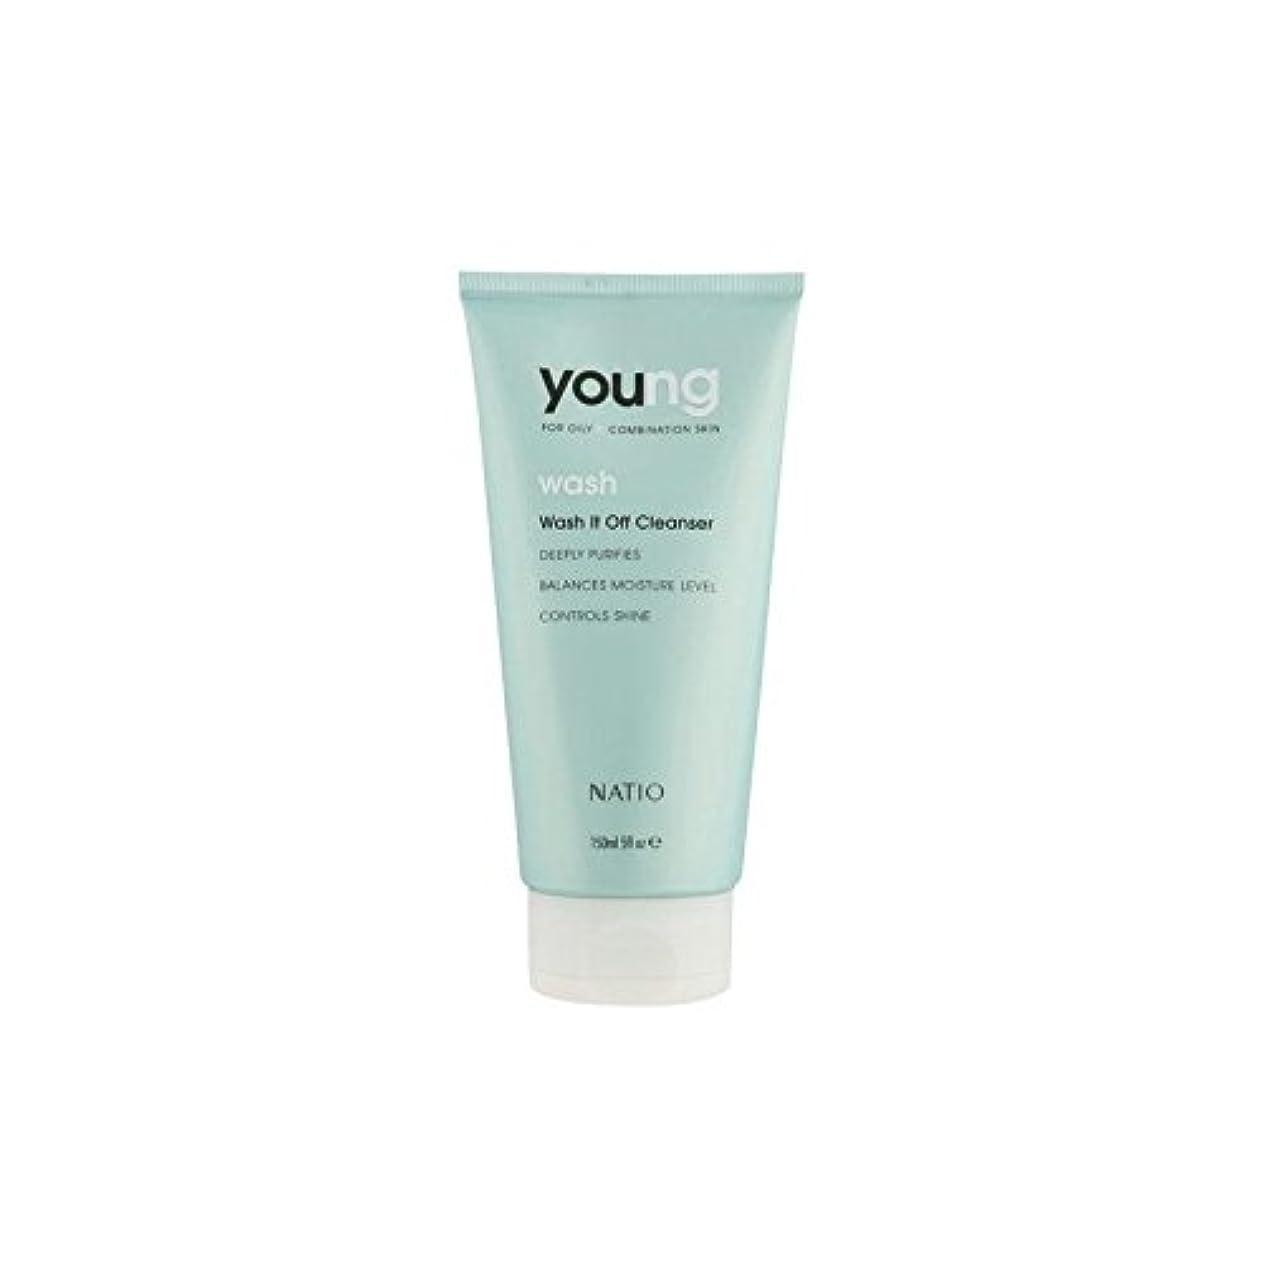 機会エンターテインメントコンピューターNatio Young Wash It Off Cleanser (150ml) (Pack of 6) - 若いウォッシュそれオフクレンザー(150ミリリットル) x6 [並行輸入品]